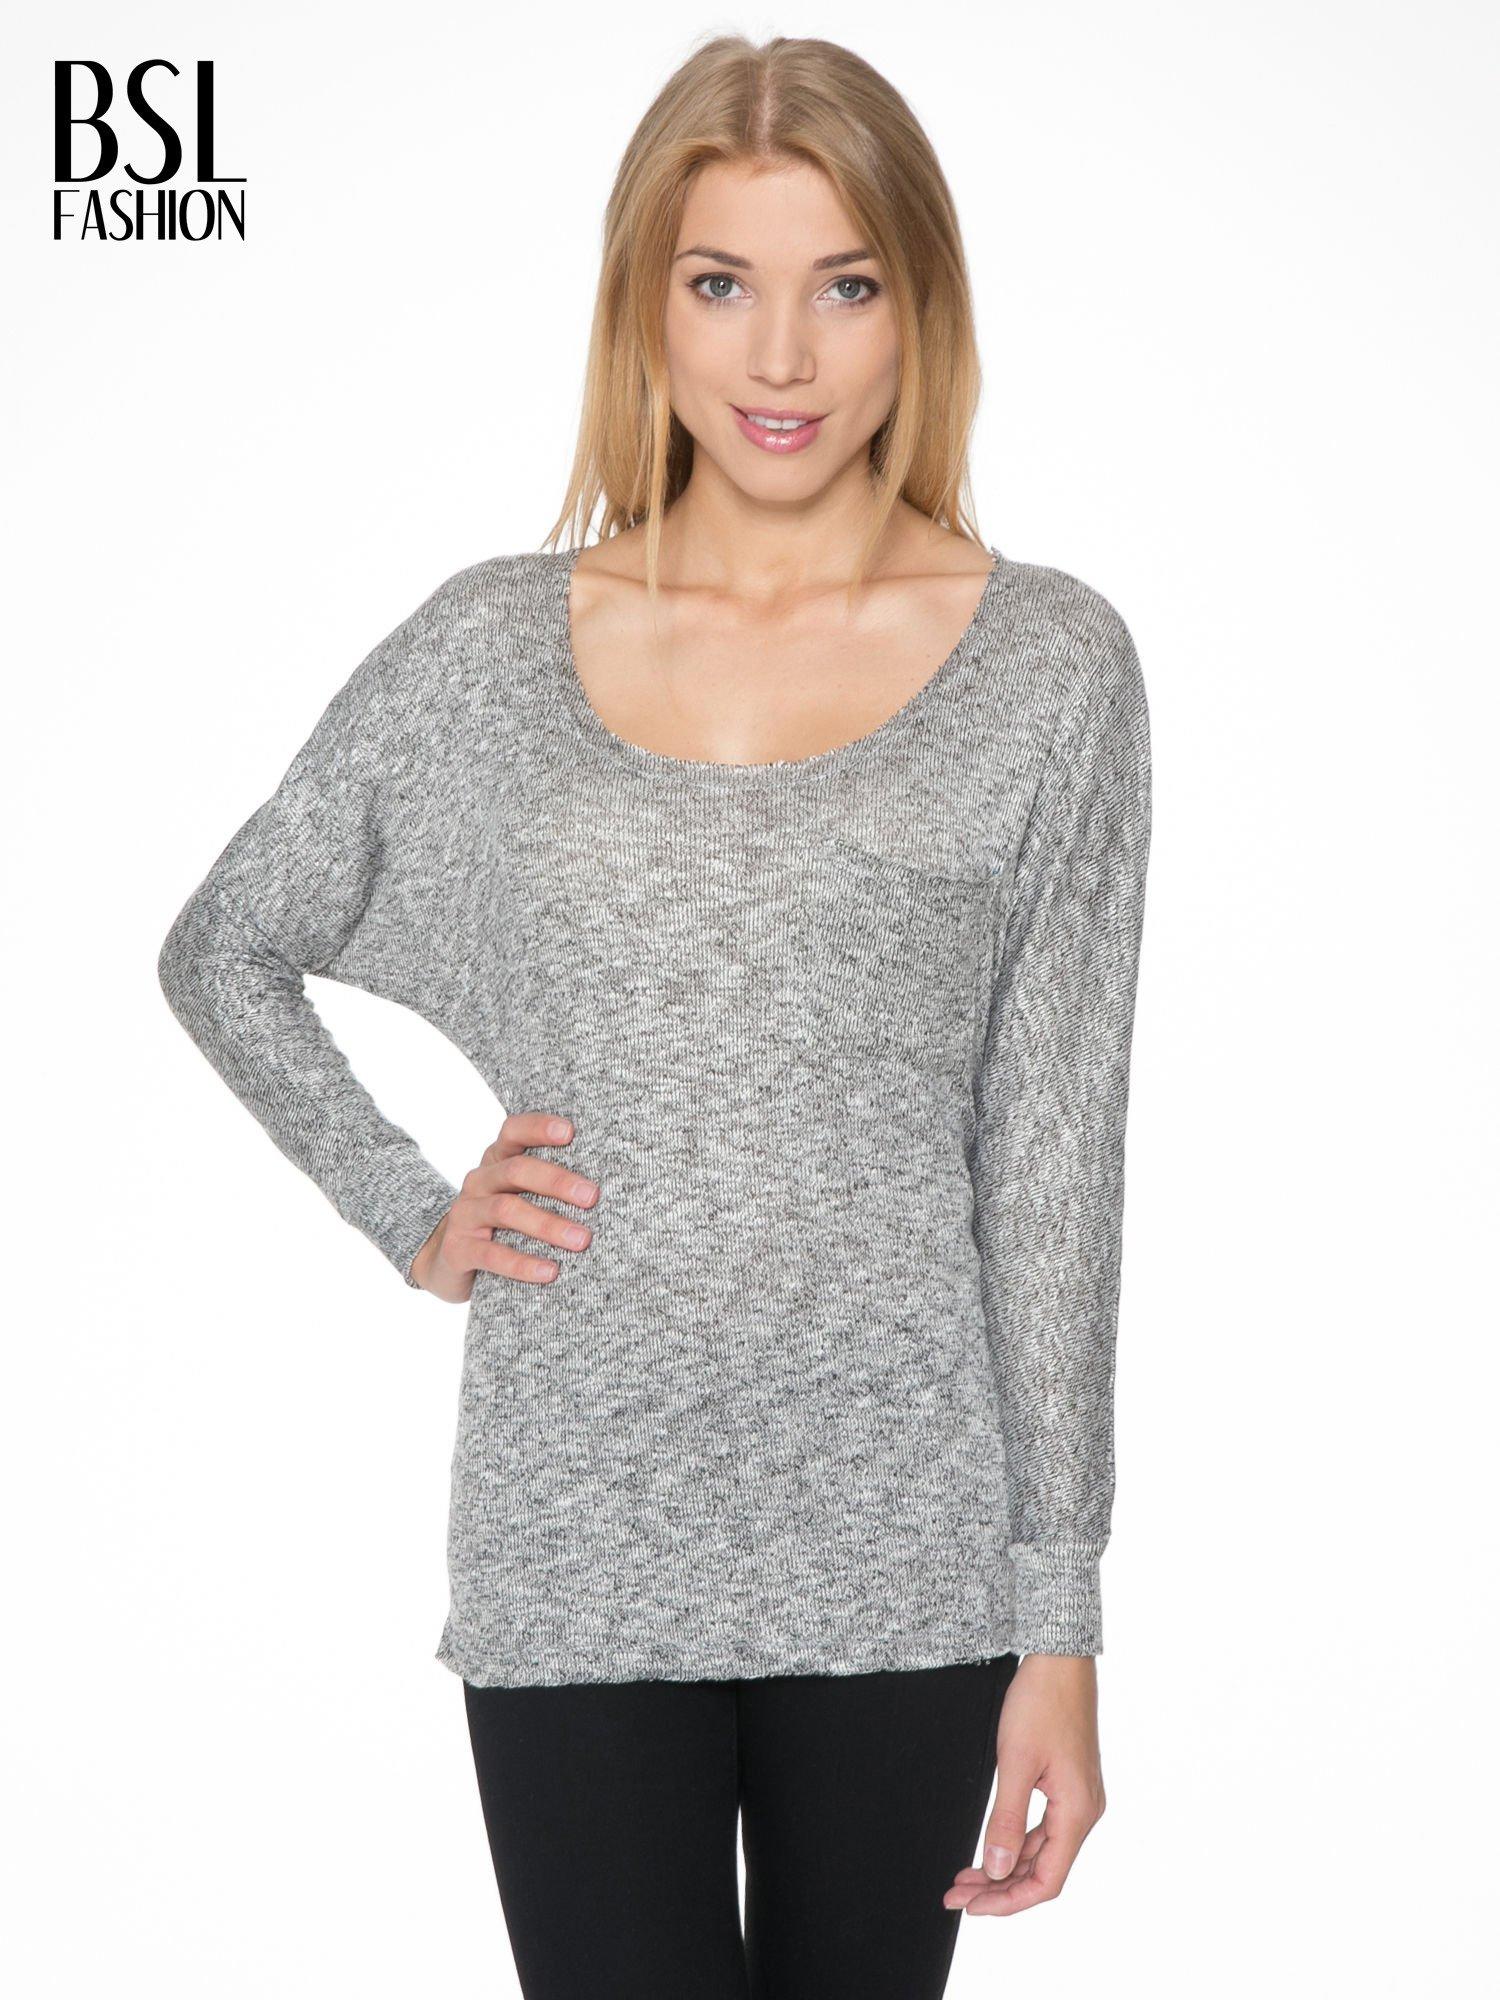 Szary melanżowy sweterek o luźnym kroju z kieszonką                                  zdj.                                  1